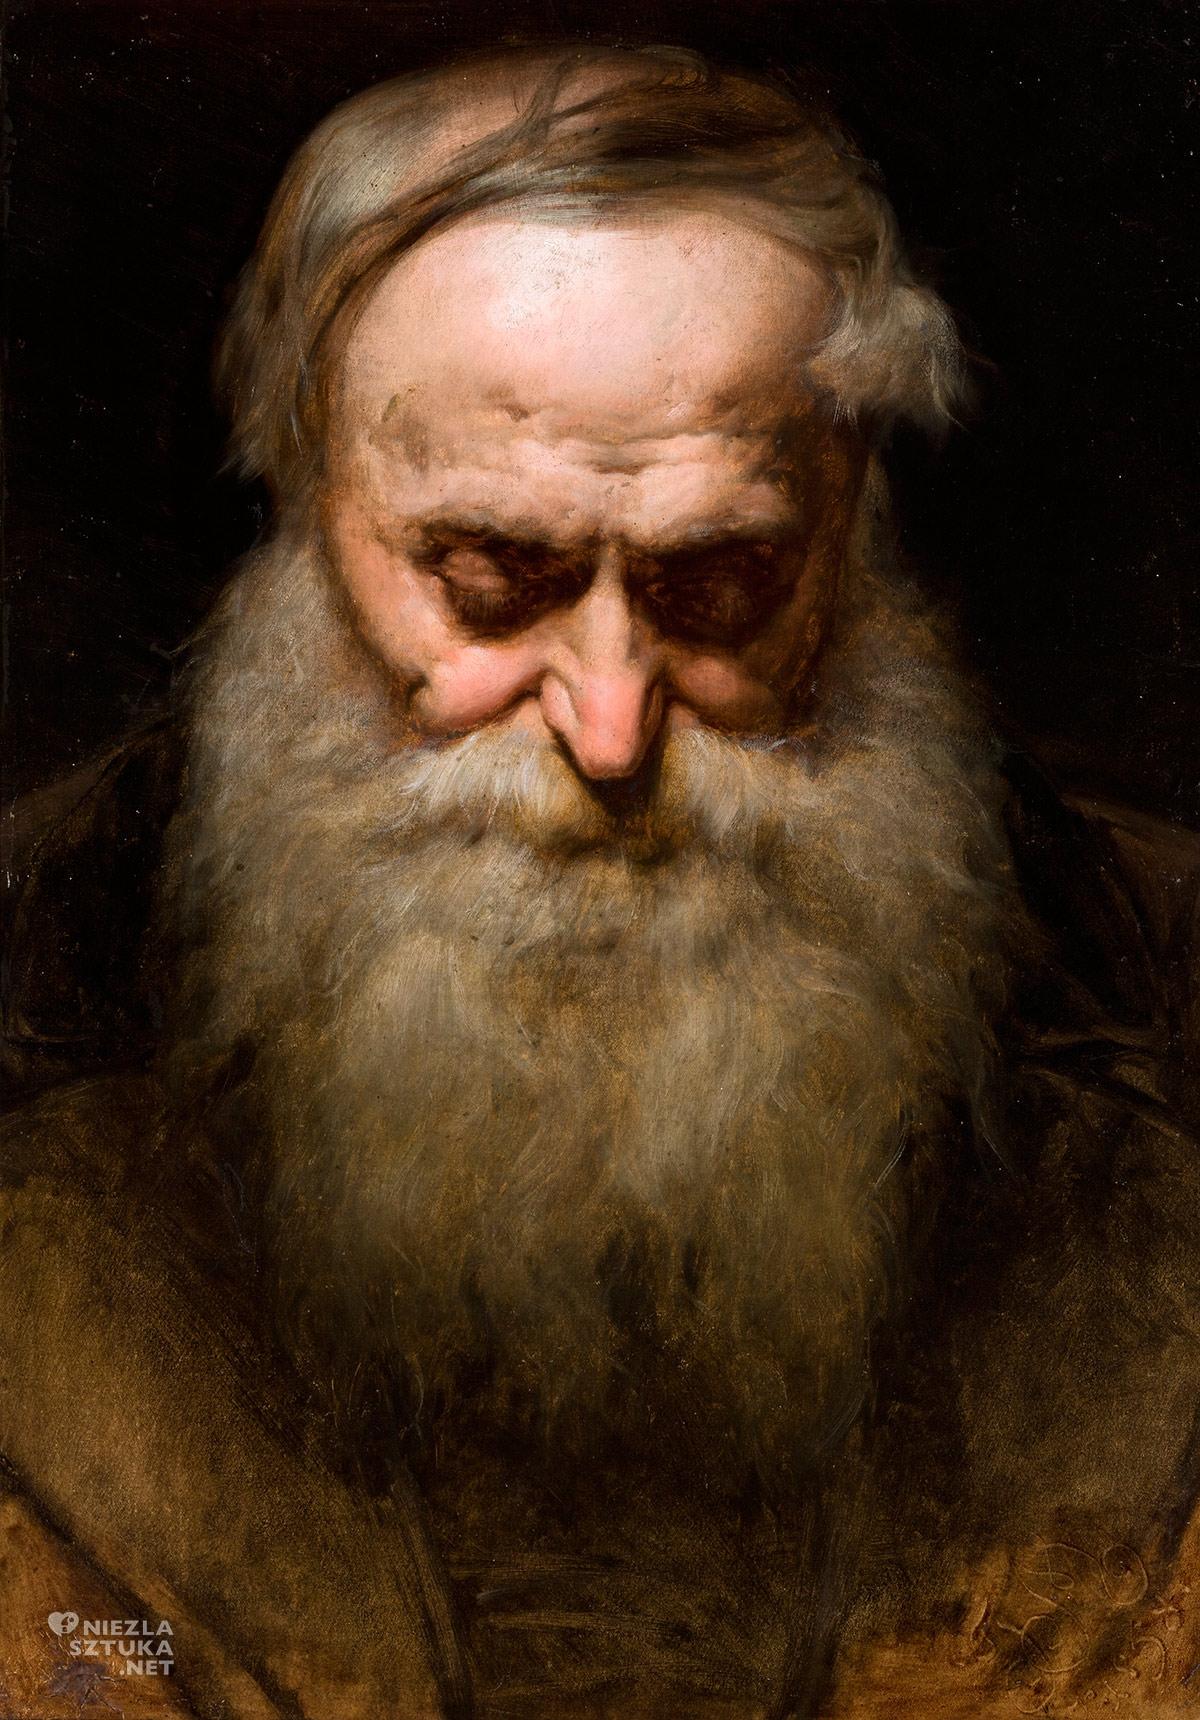 Jan Matejko, Głowa starca z siwą brodą, studium głowy, starca portret, Niezła Sztuka